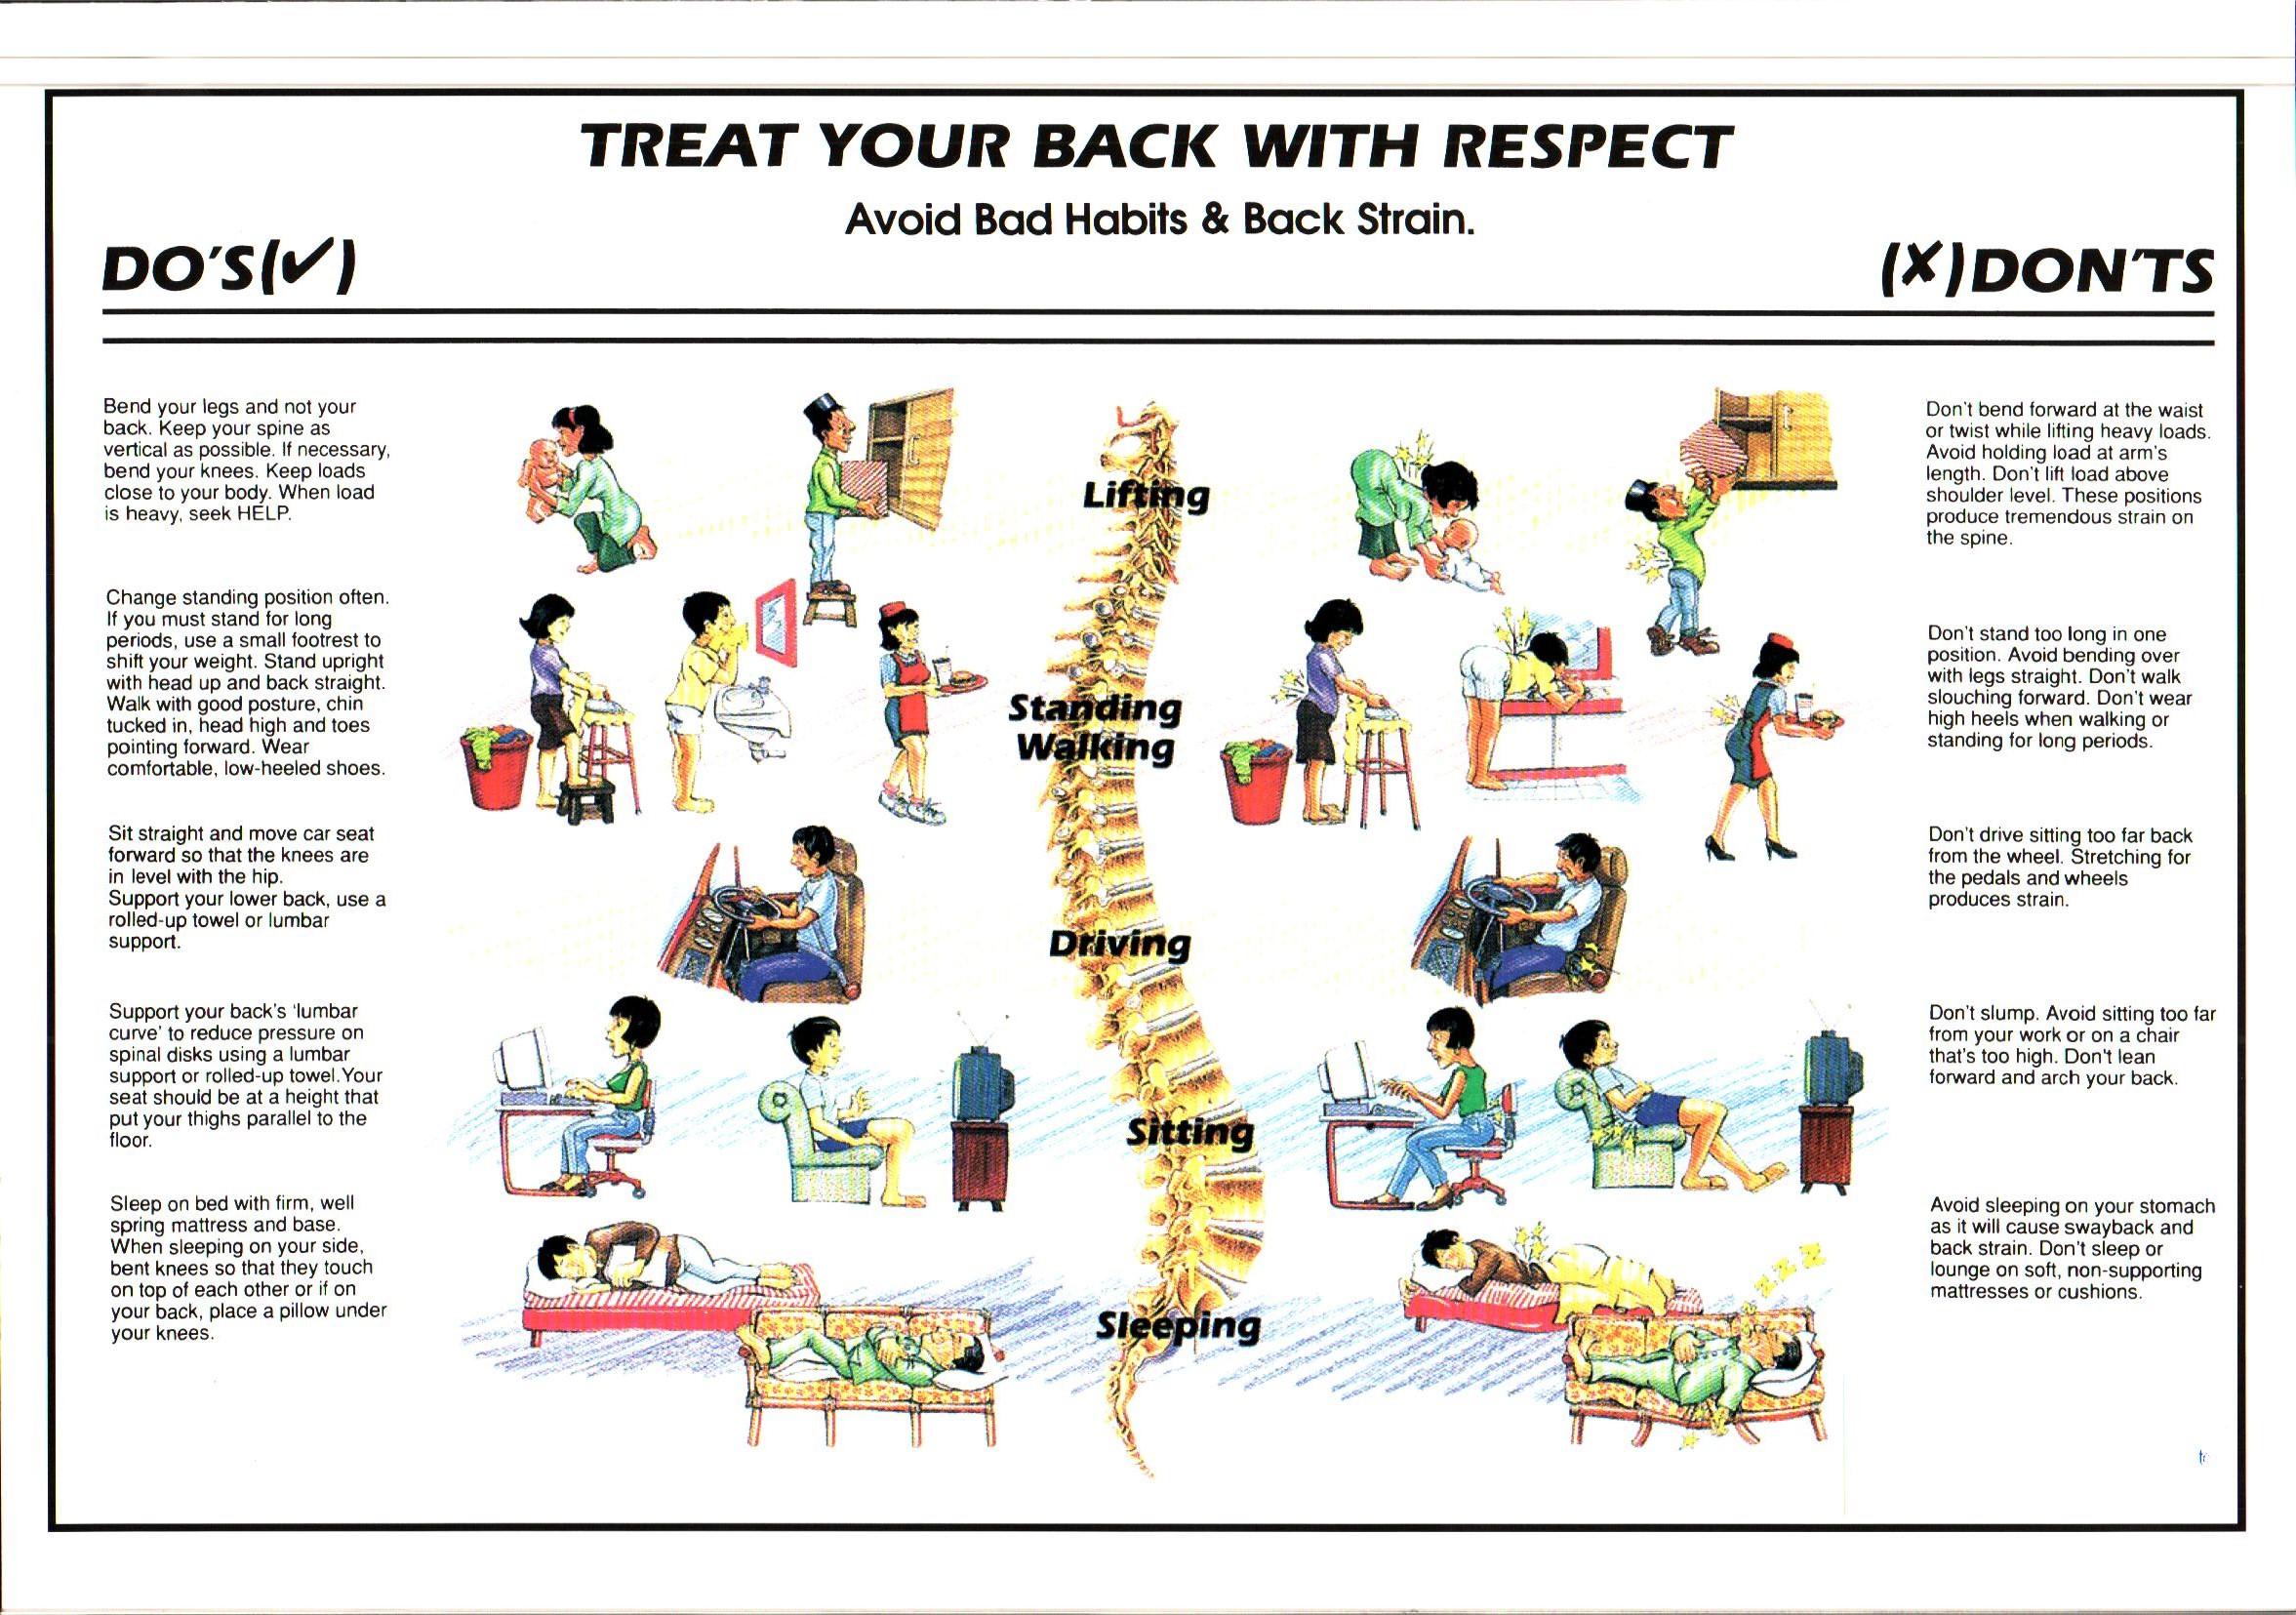 pradžia gydymo osteochondrozės žmonės tepalas sąnarių skausmas